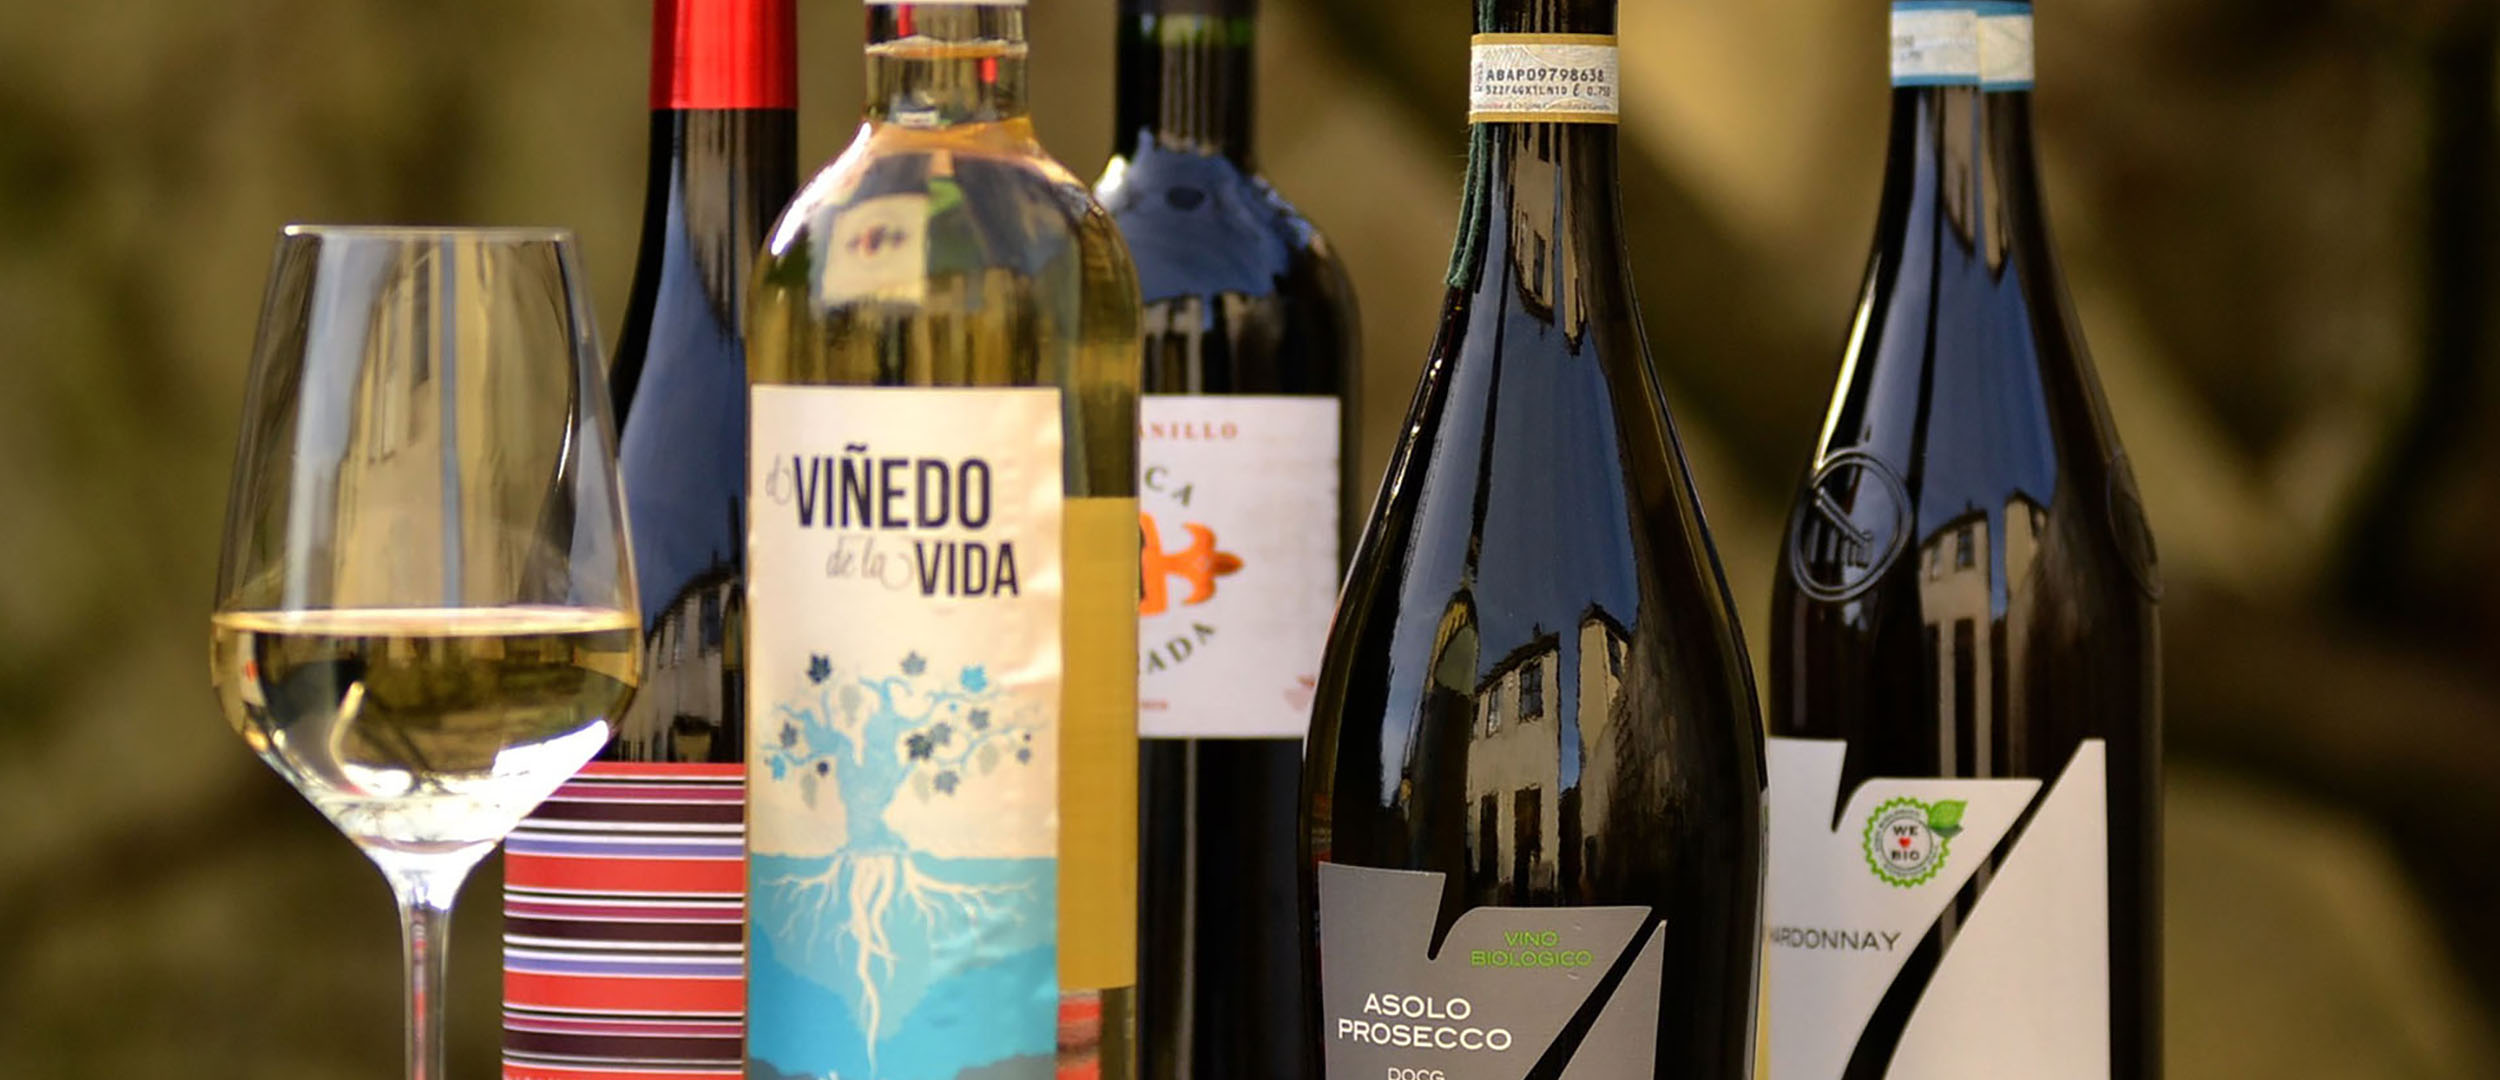 Wine & Prosecco